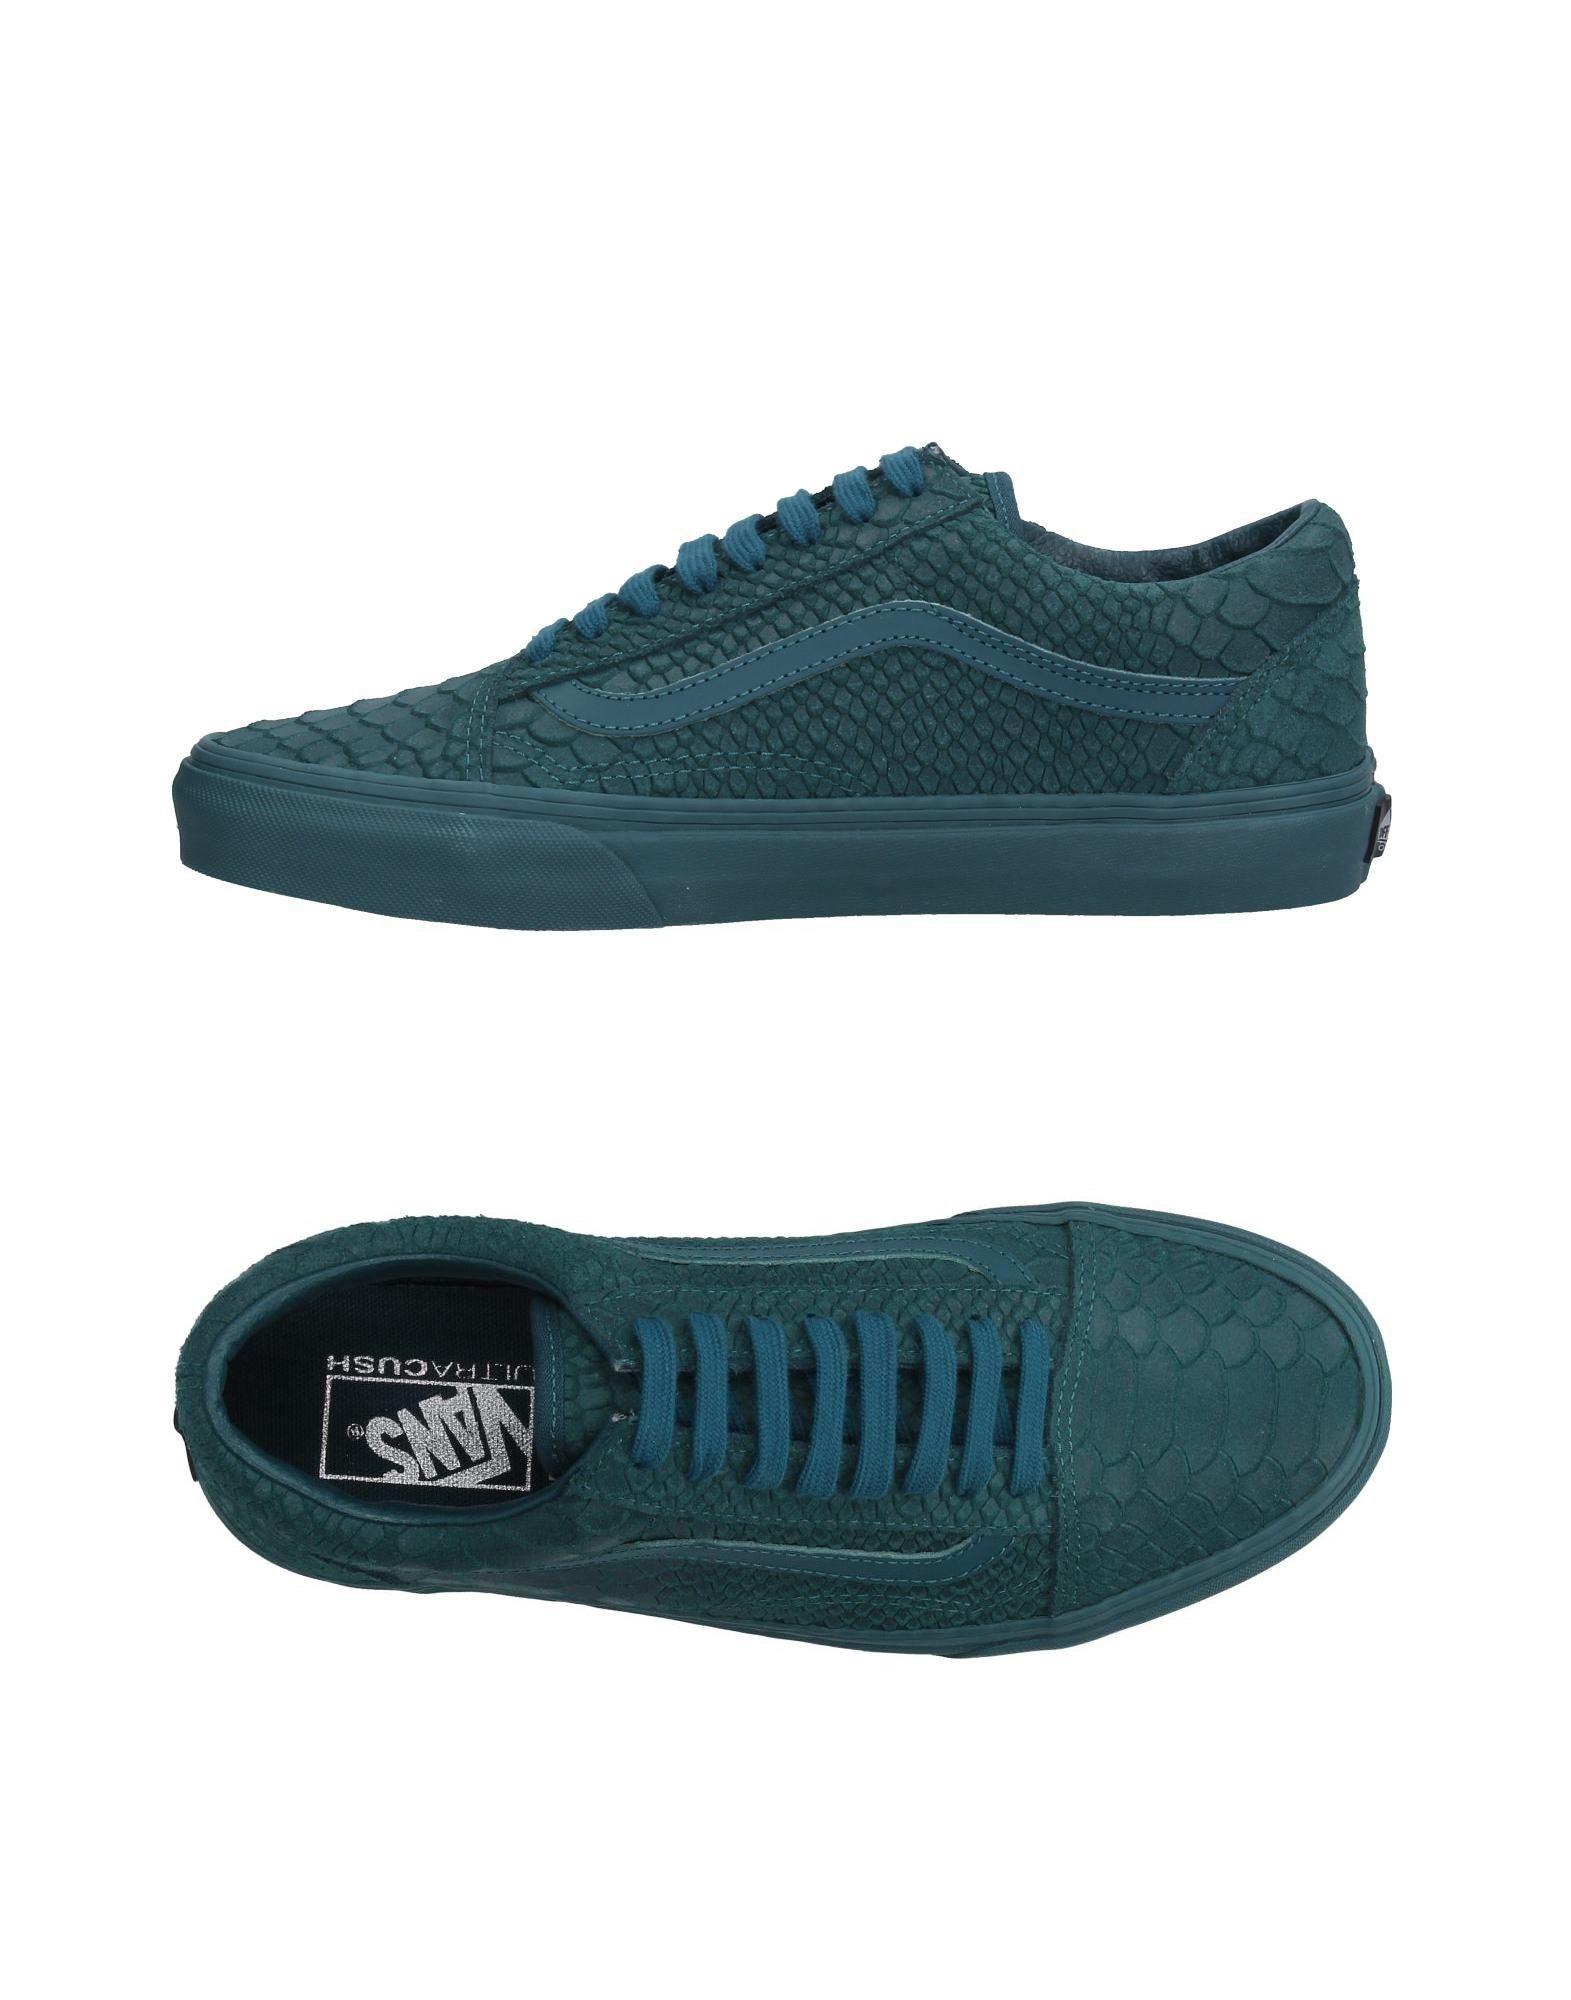 Moda Sneakers Vans Uomo - 11234687JN